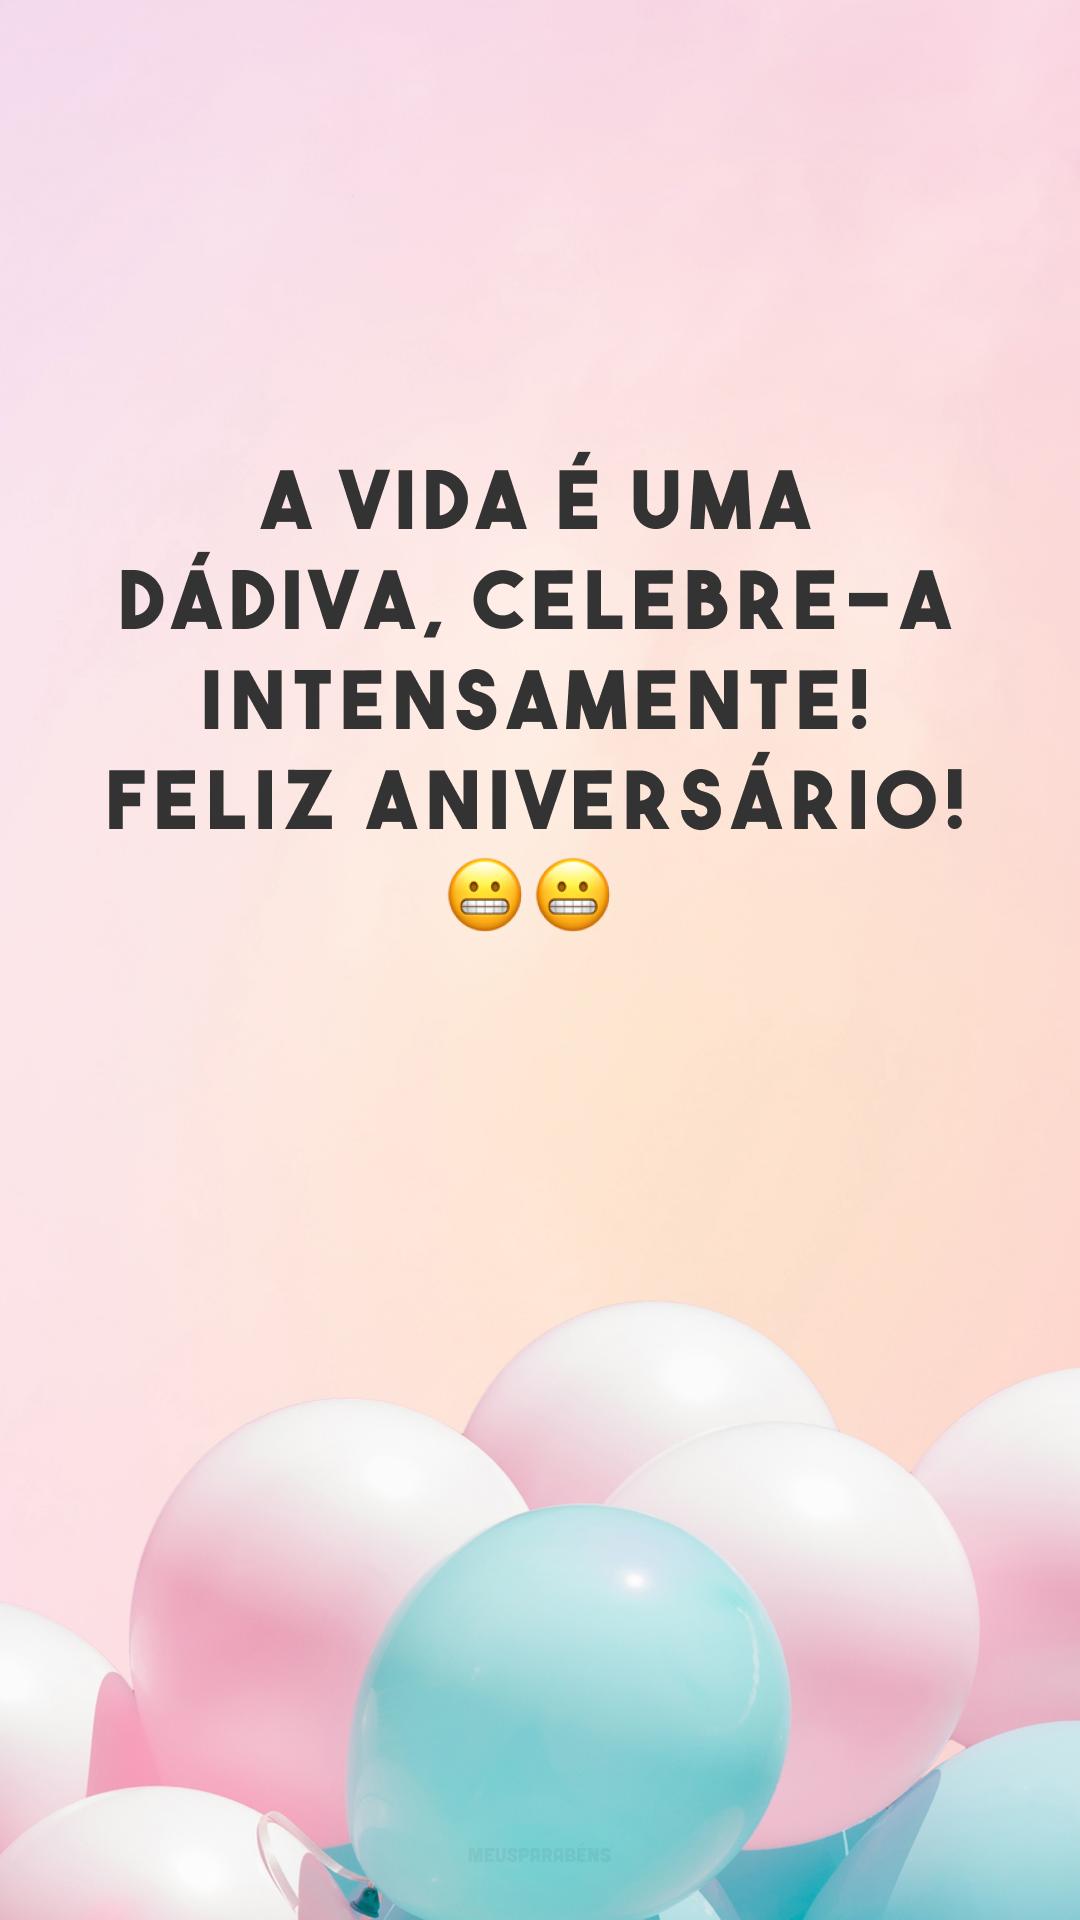 A vida é uma dádiva, celebre-a intensamente! Feliz aniversário! 😬😬<br />